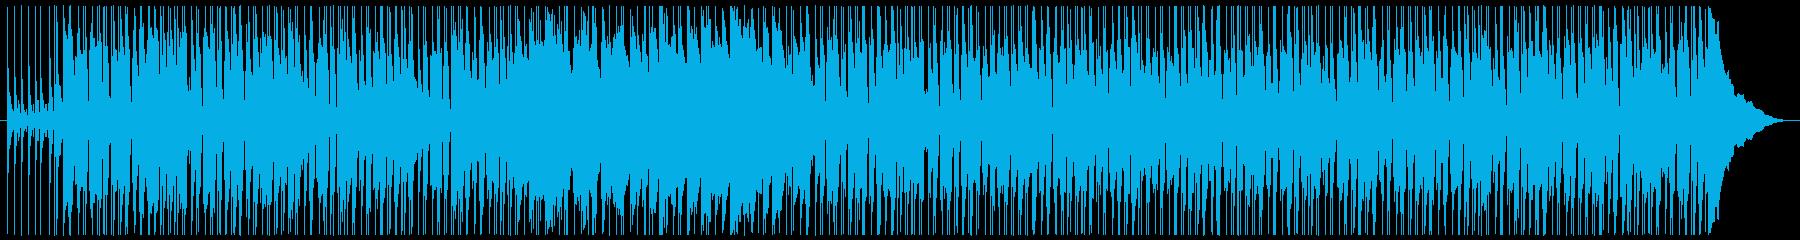 楽しい雰囲気のギターポップの再生済みの波形